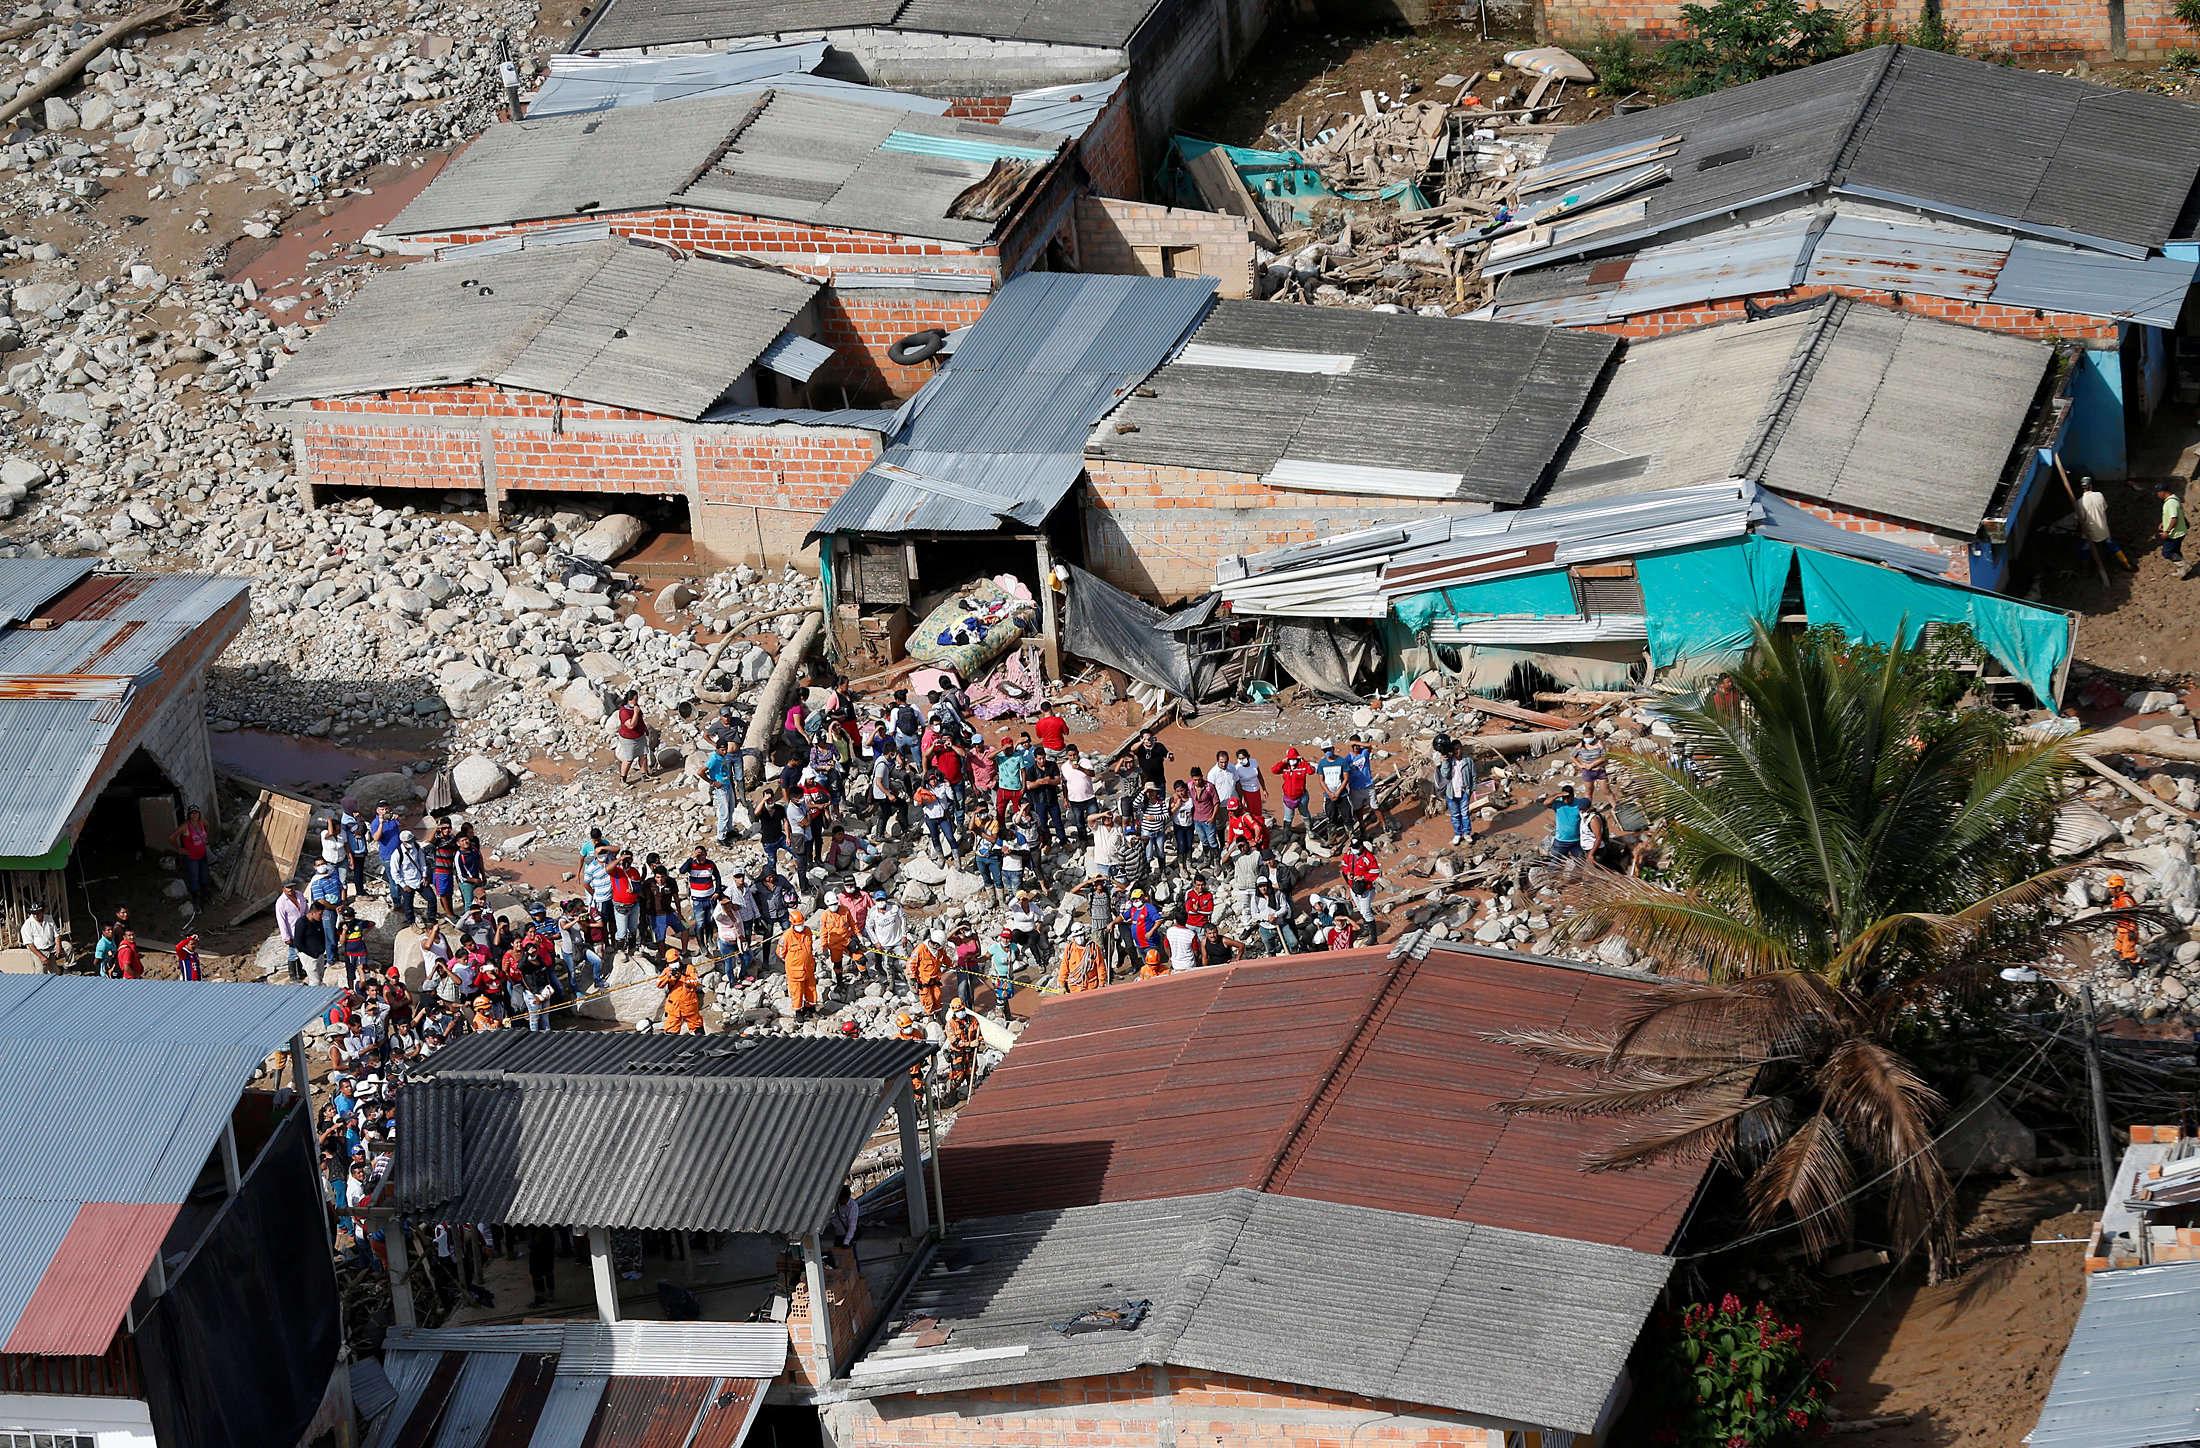 Une vue aérienne, prise le 3avril, des dégâts causés par la coulée de boue quia dévasté la ville colombienne de Mocoa et fait plus de 200morts. Cette ville de 40000habitants est située dans la province de Putumayo, dans le sud du pays.